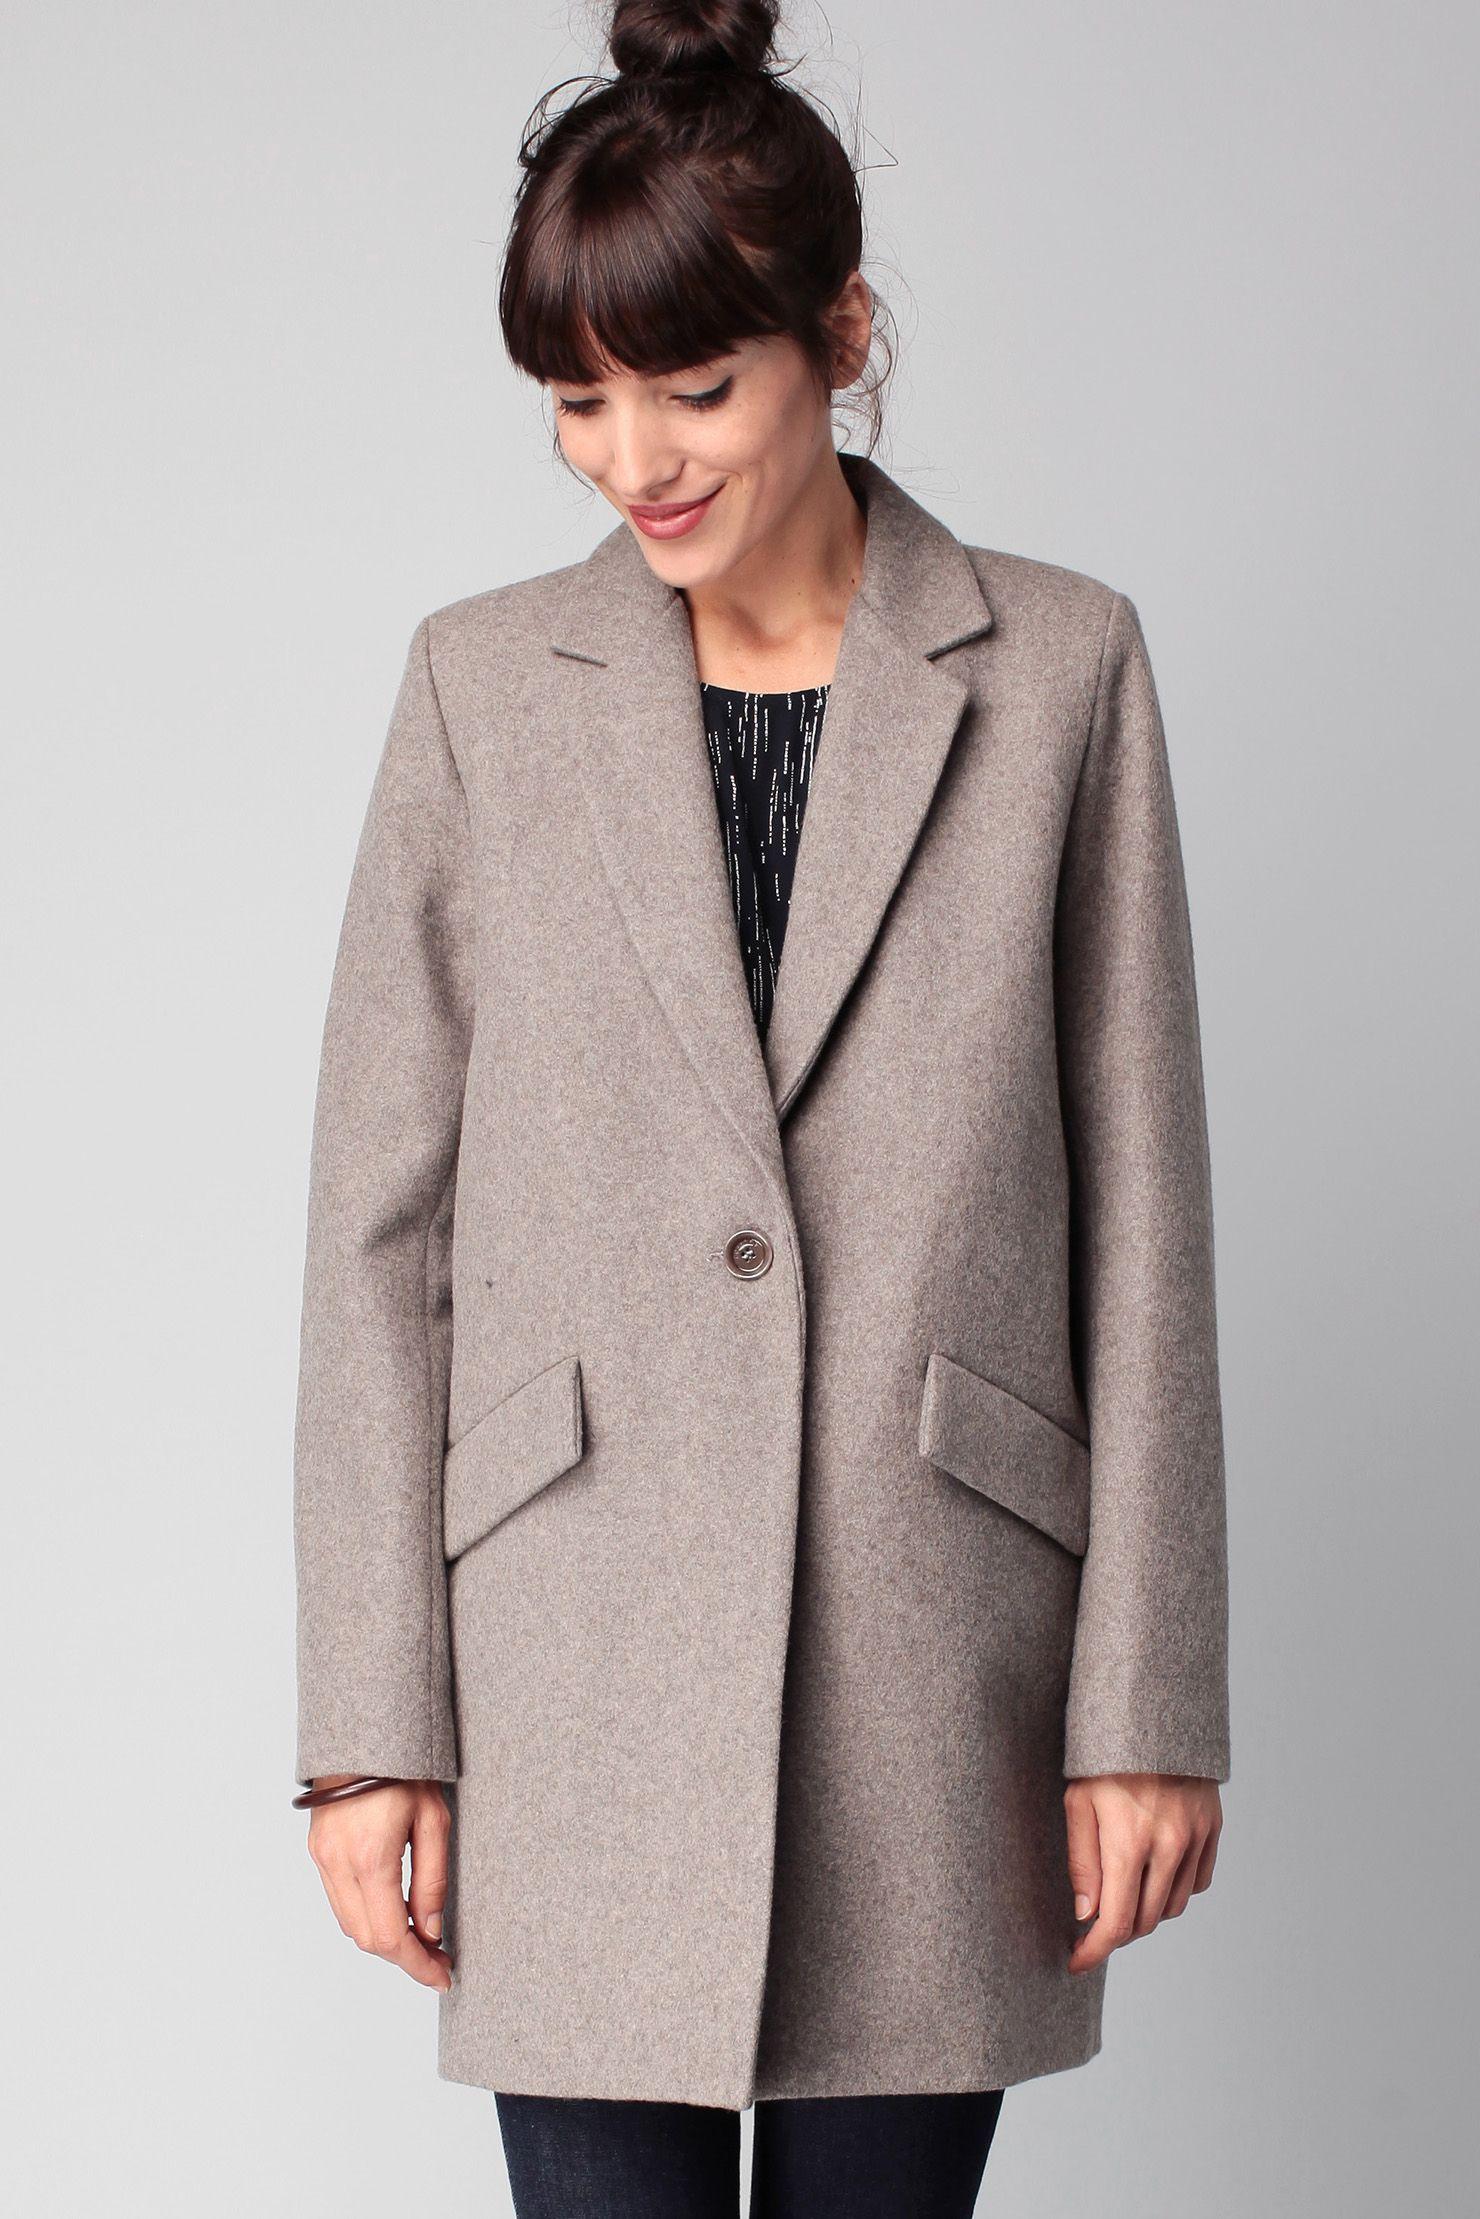 Manteau gris laine Hello Dol Gris chiné Sessun sur MonShowroom.com ... dba4153cbc2a